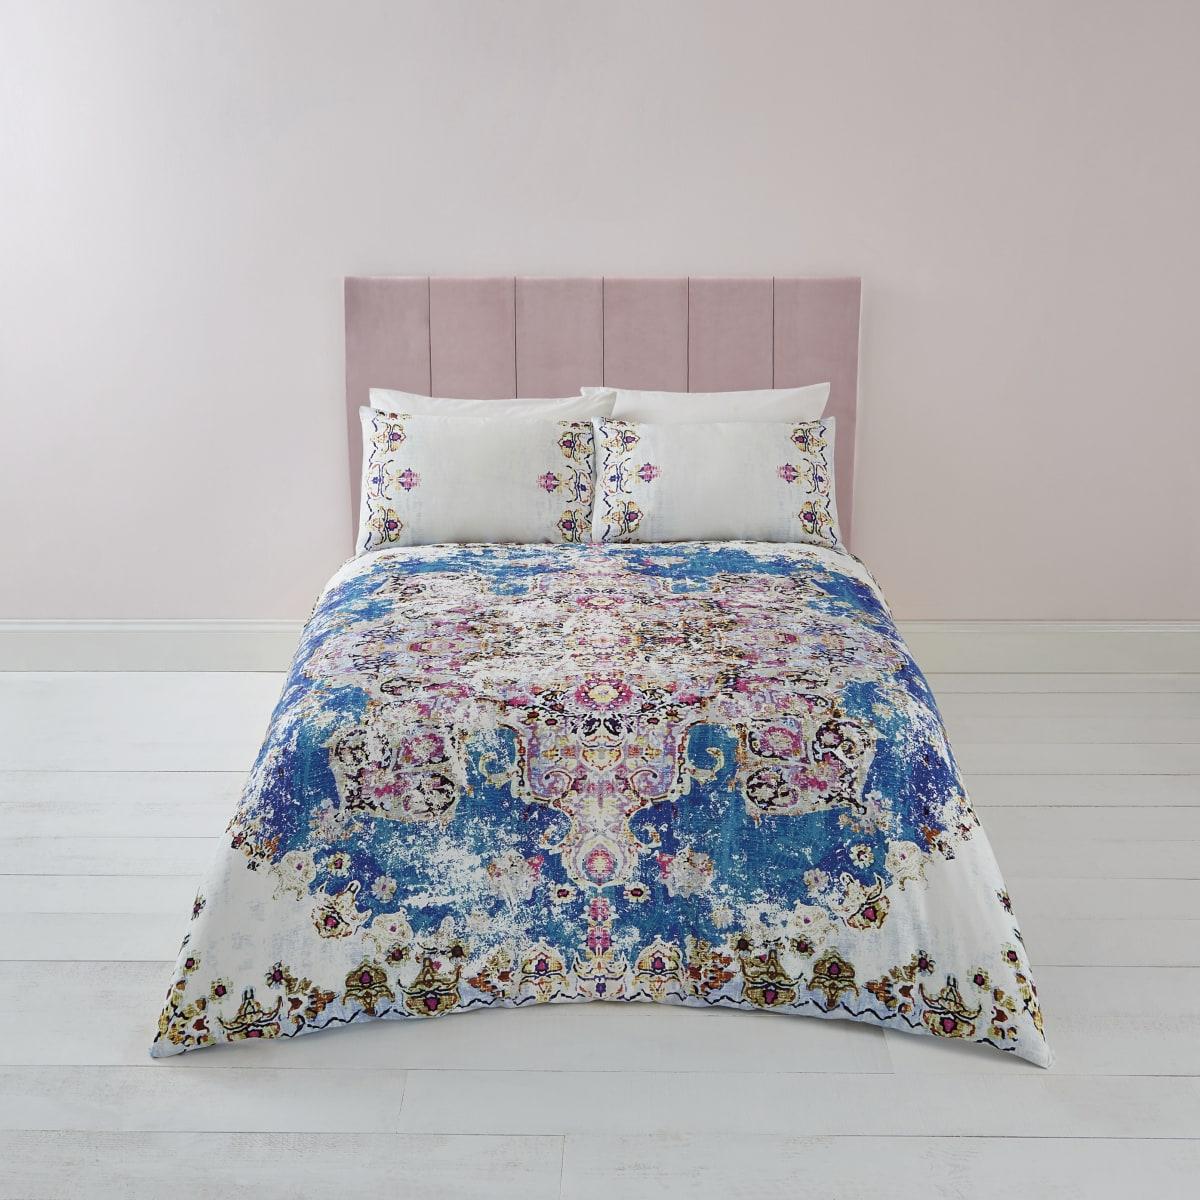 Blauwe superkingsize dekbedset met Perzische print